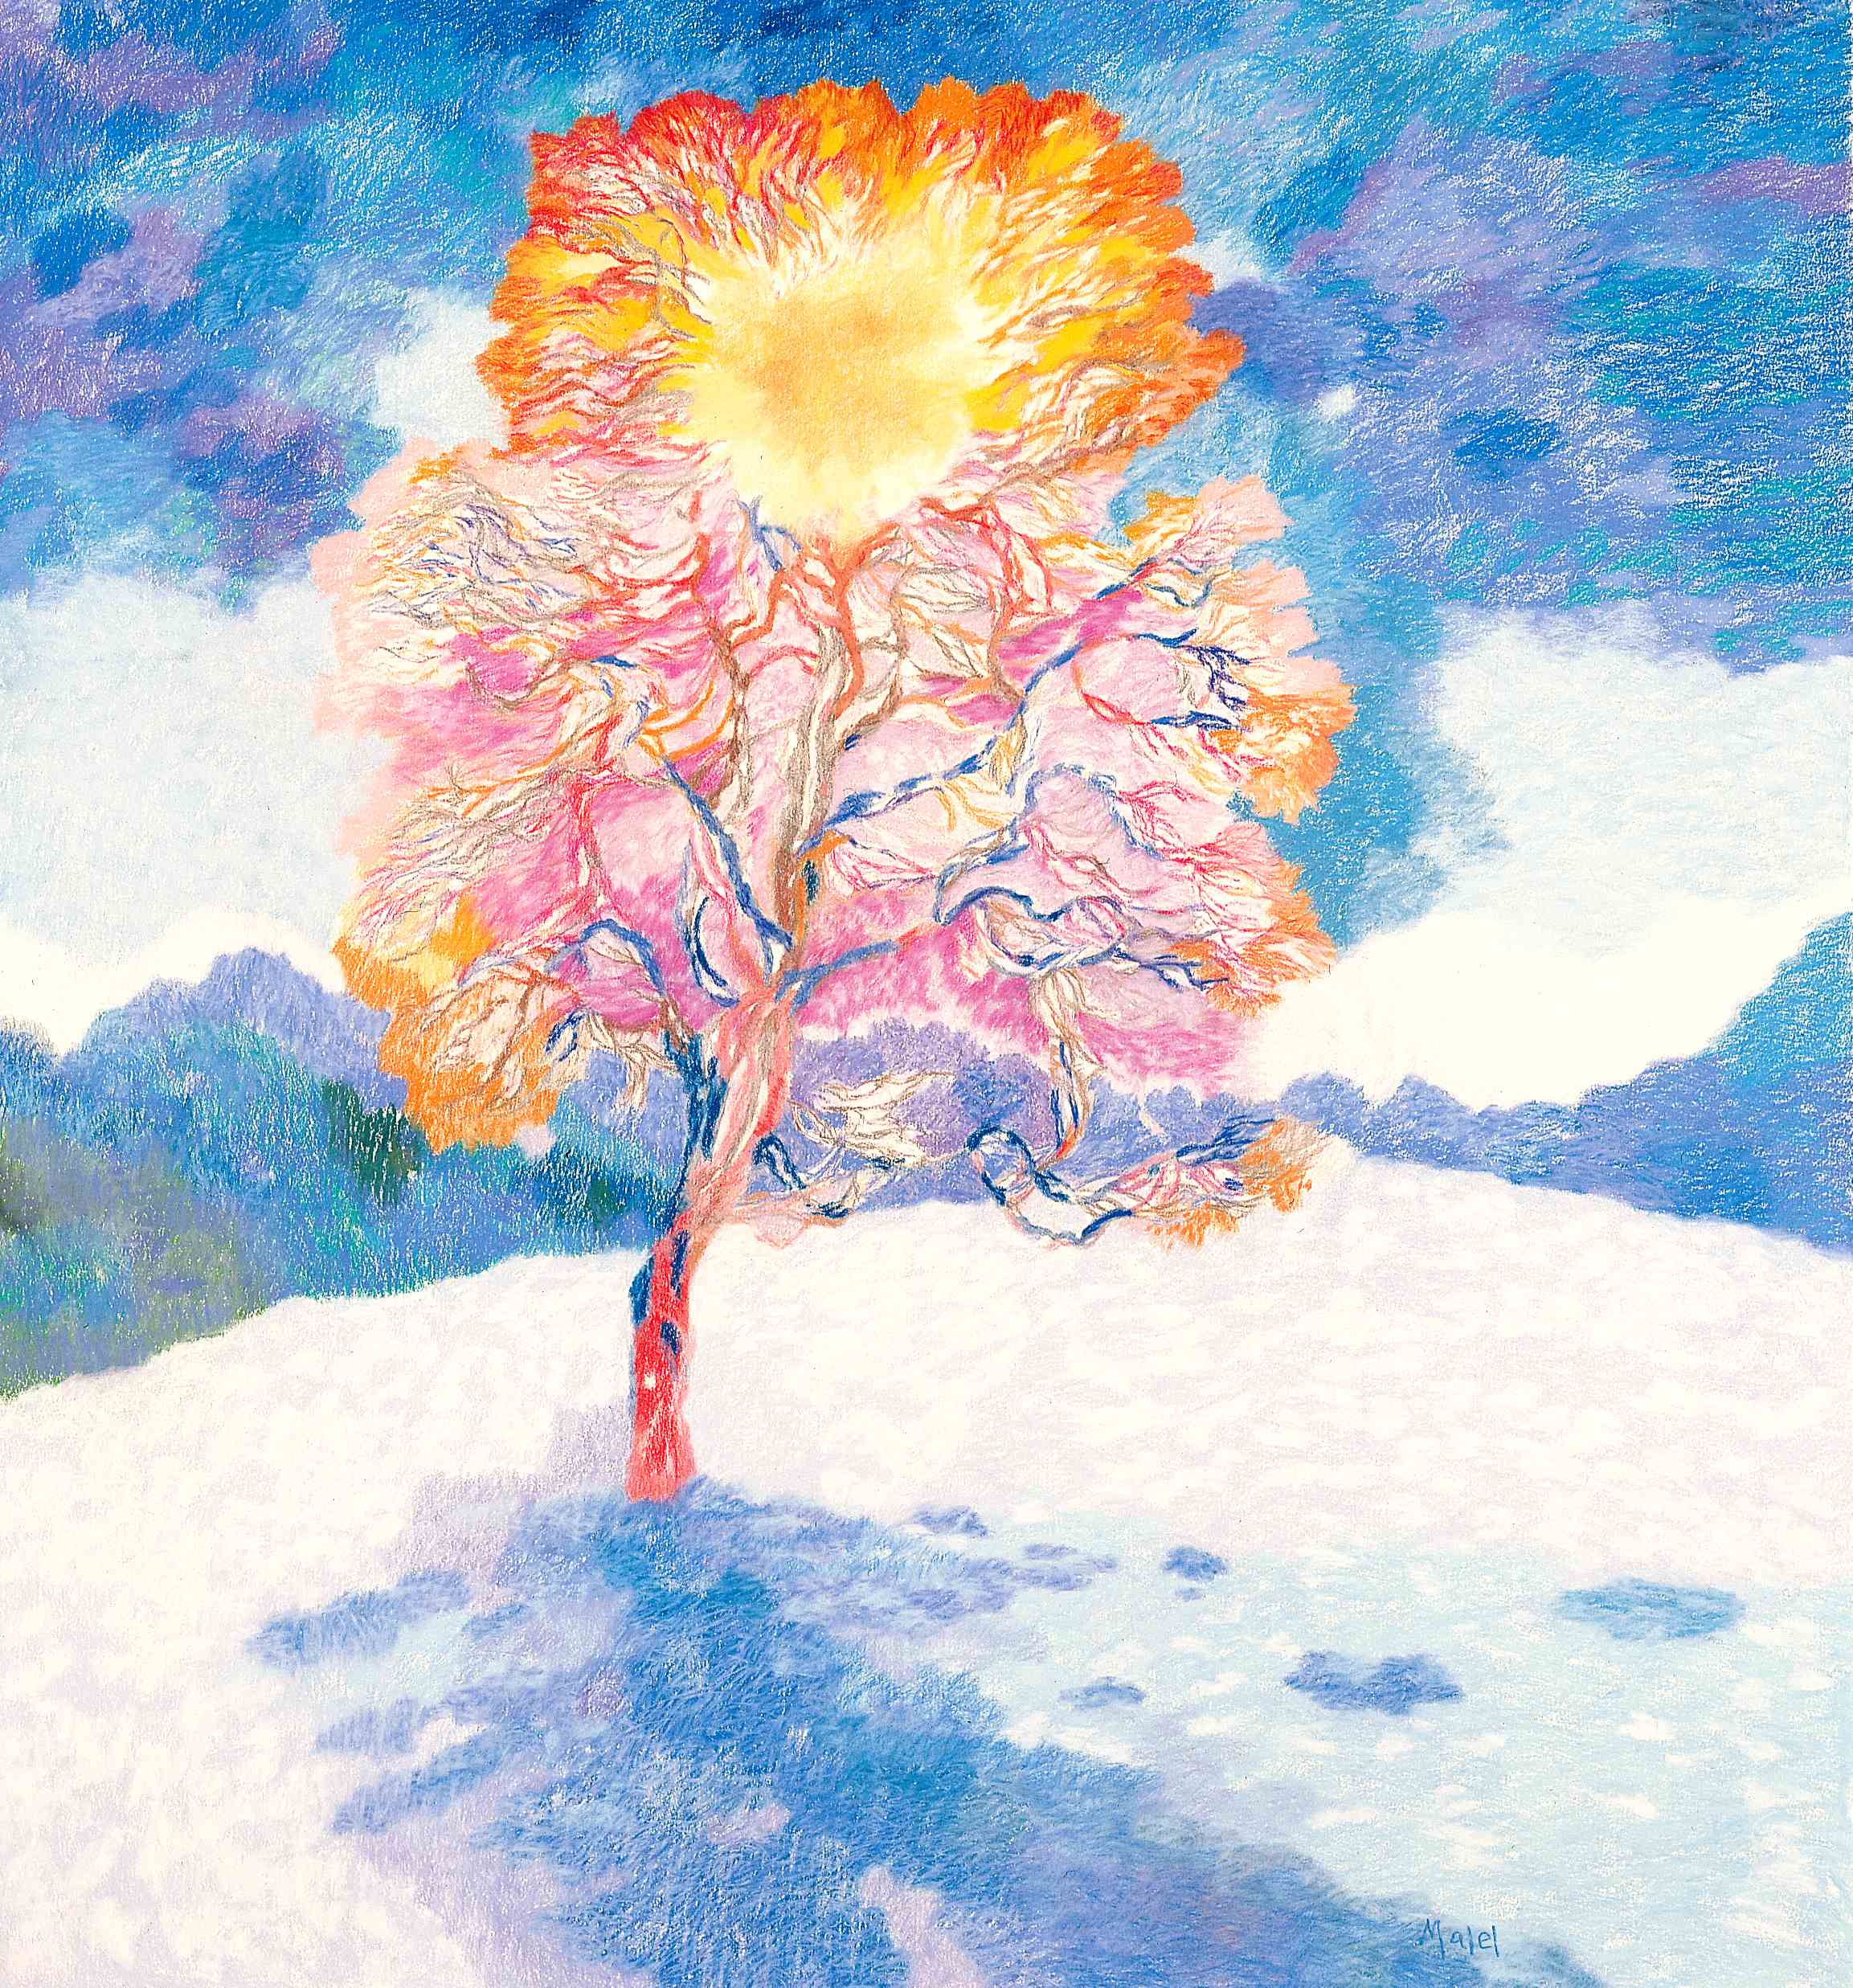 L'arbre de joie